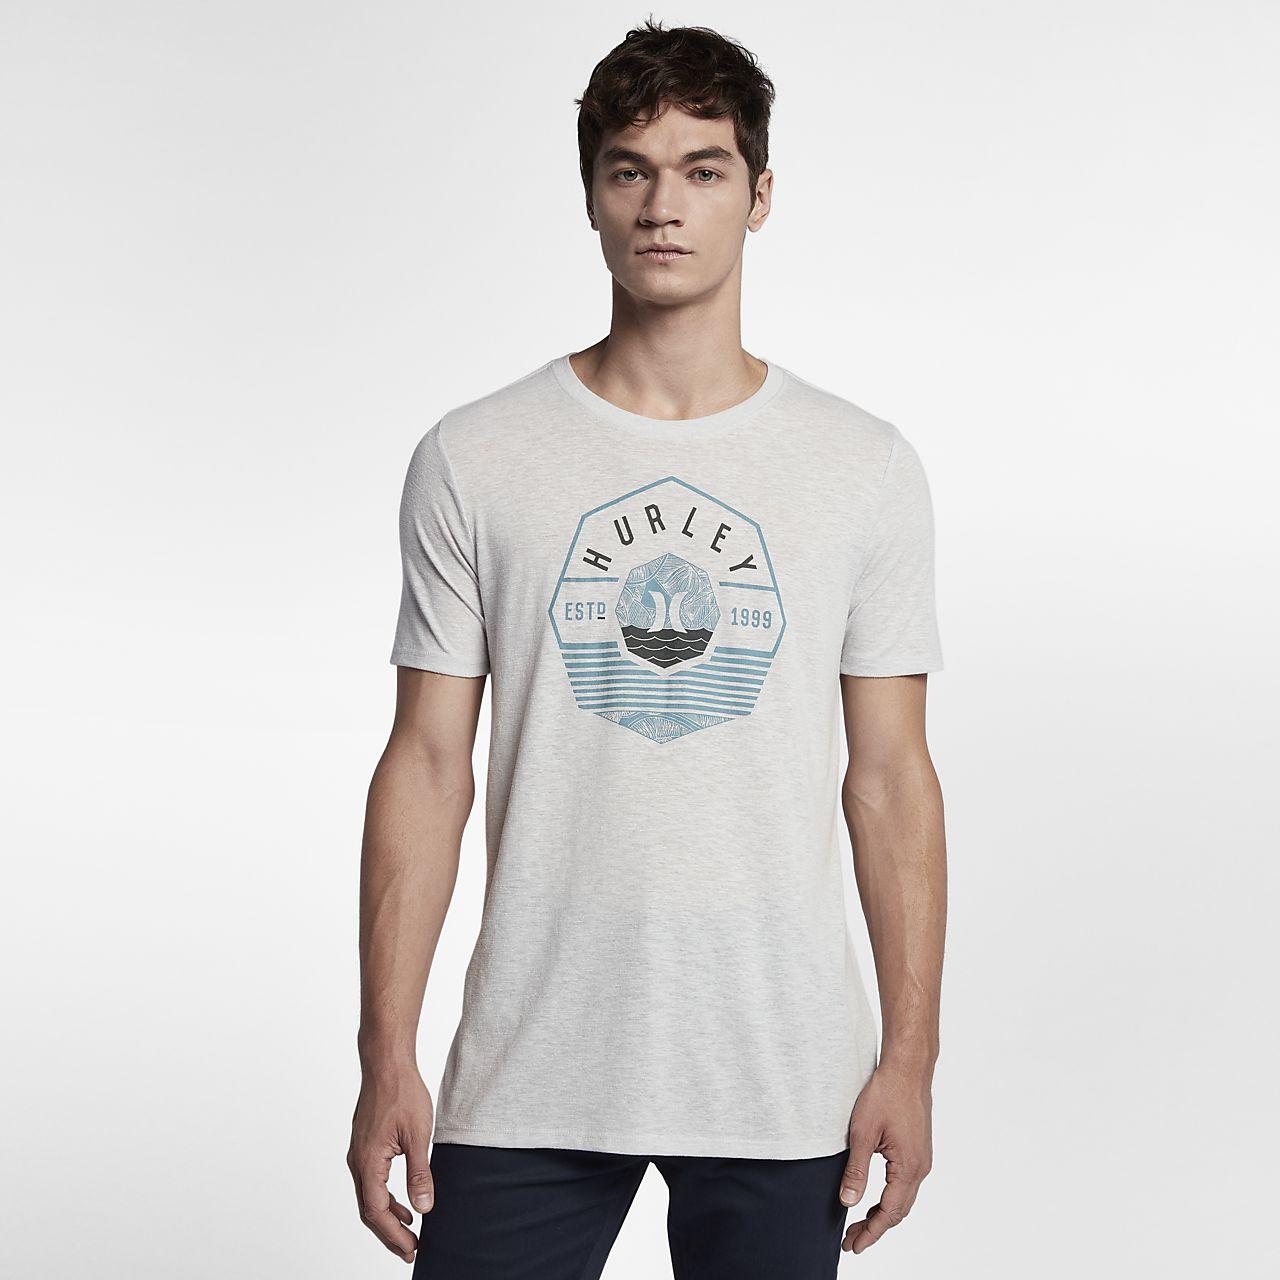 ... Hurley Tide Change Tri-Blend Men's T-Shirt